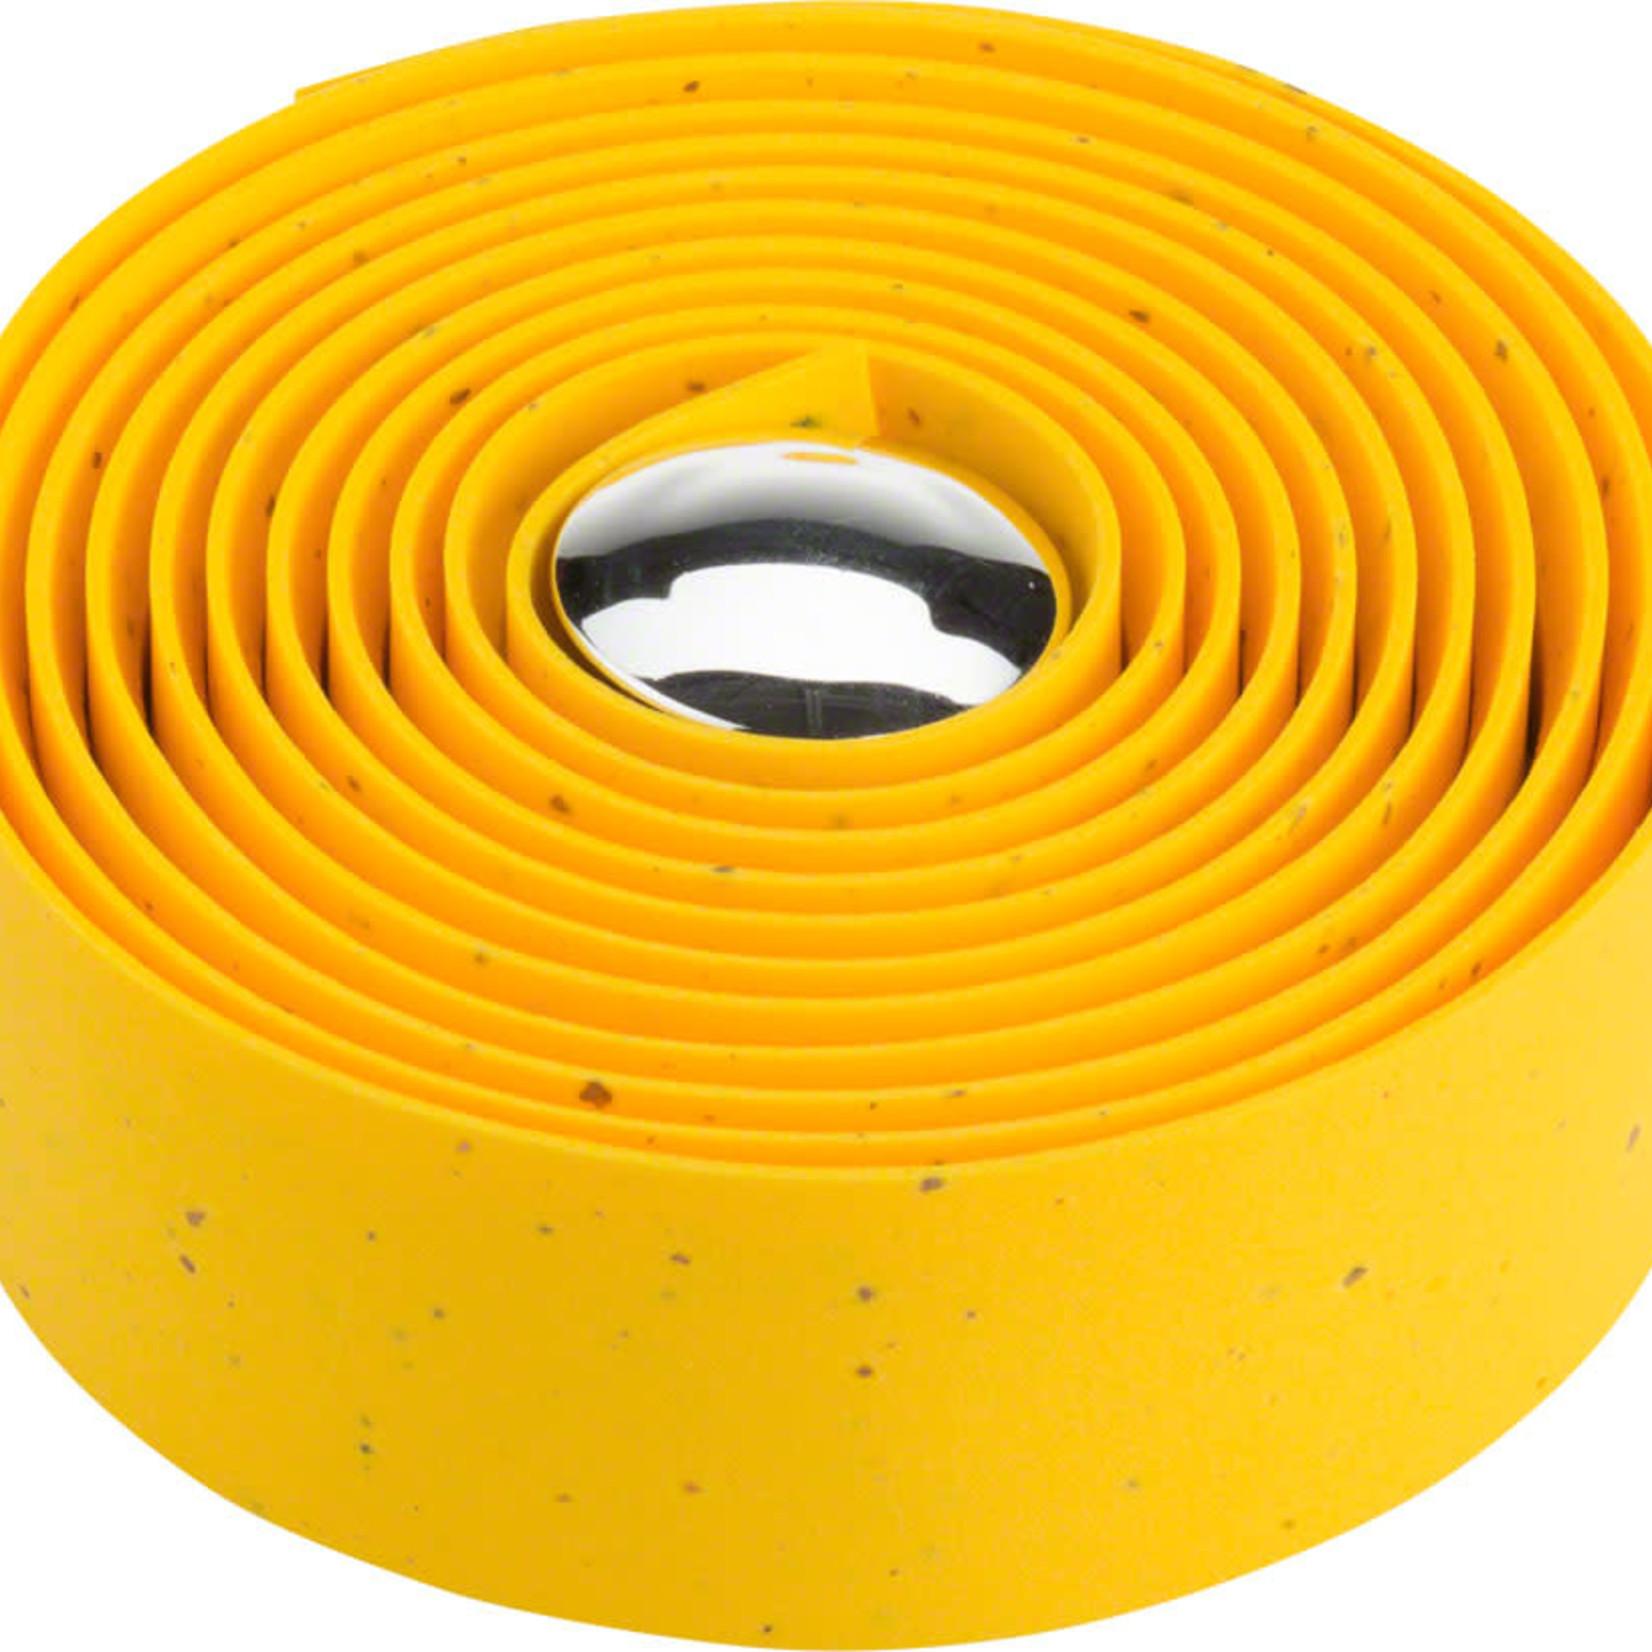 EVA Handlebar Tape Yellow